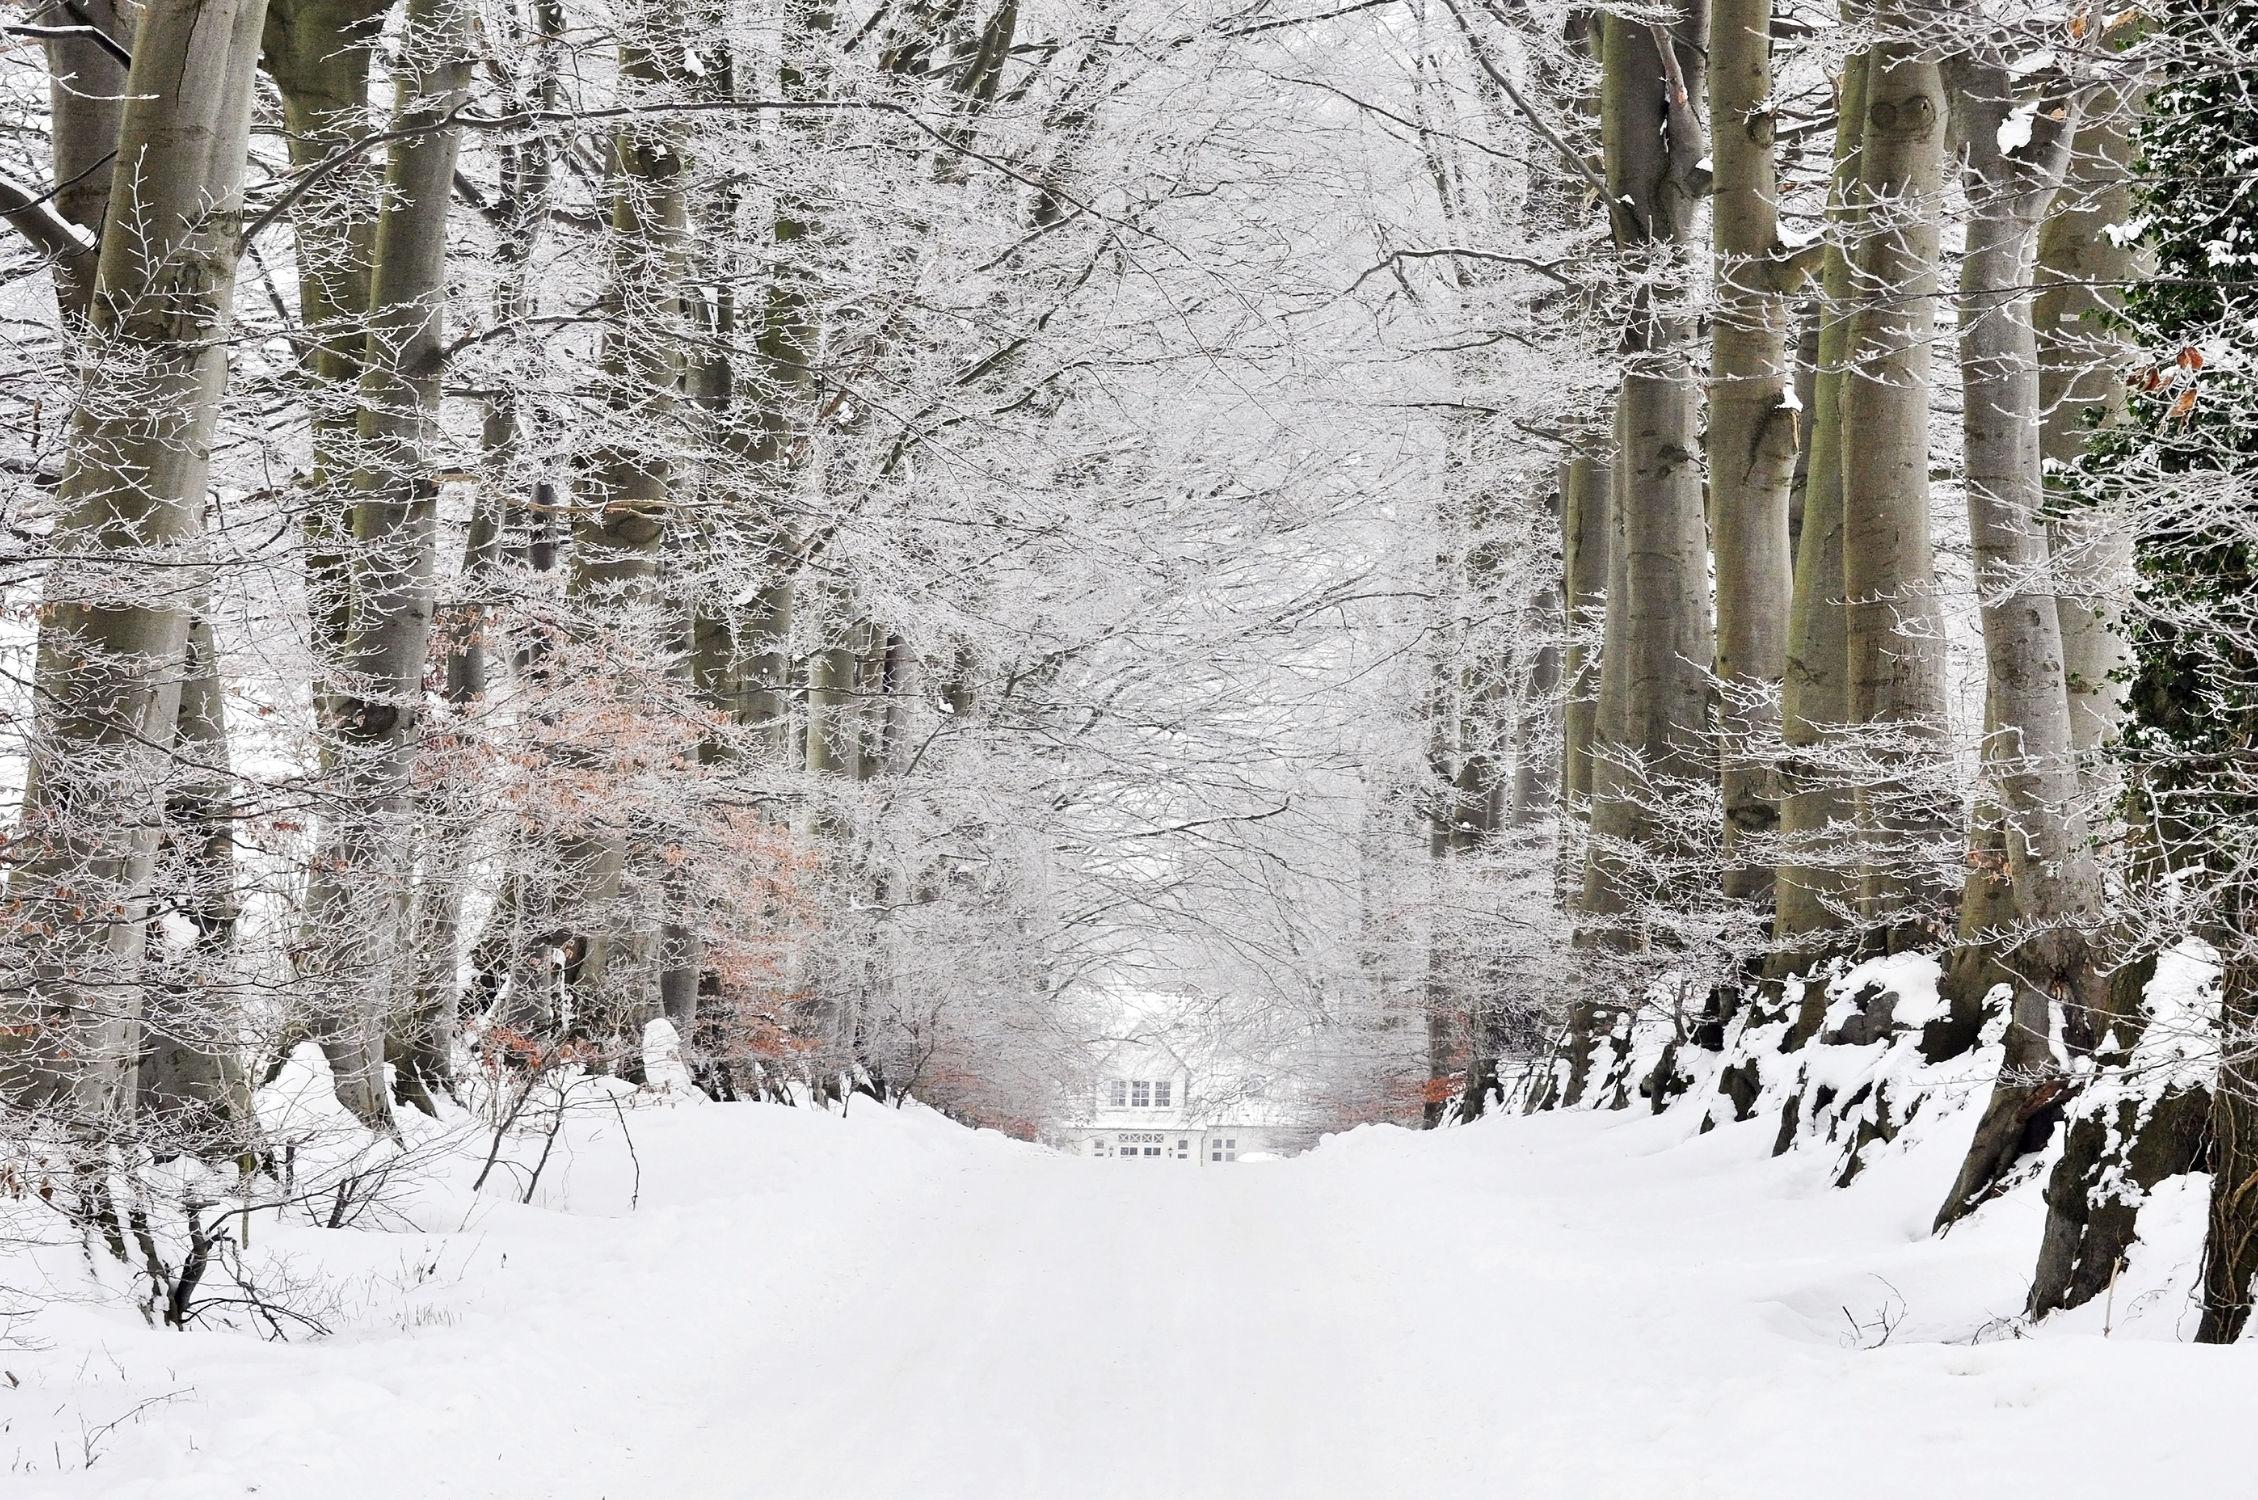 Bild mit Bäume, Winter, Schnee, Blätter, Alleen, Winterzeit, Raureif